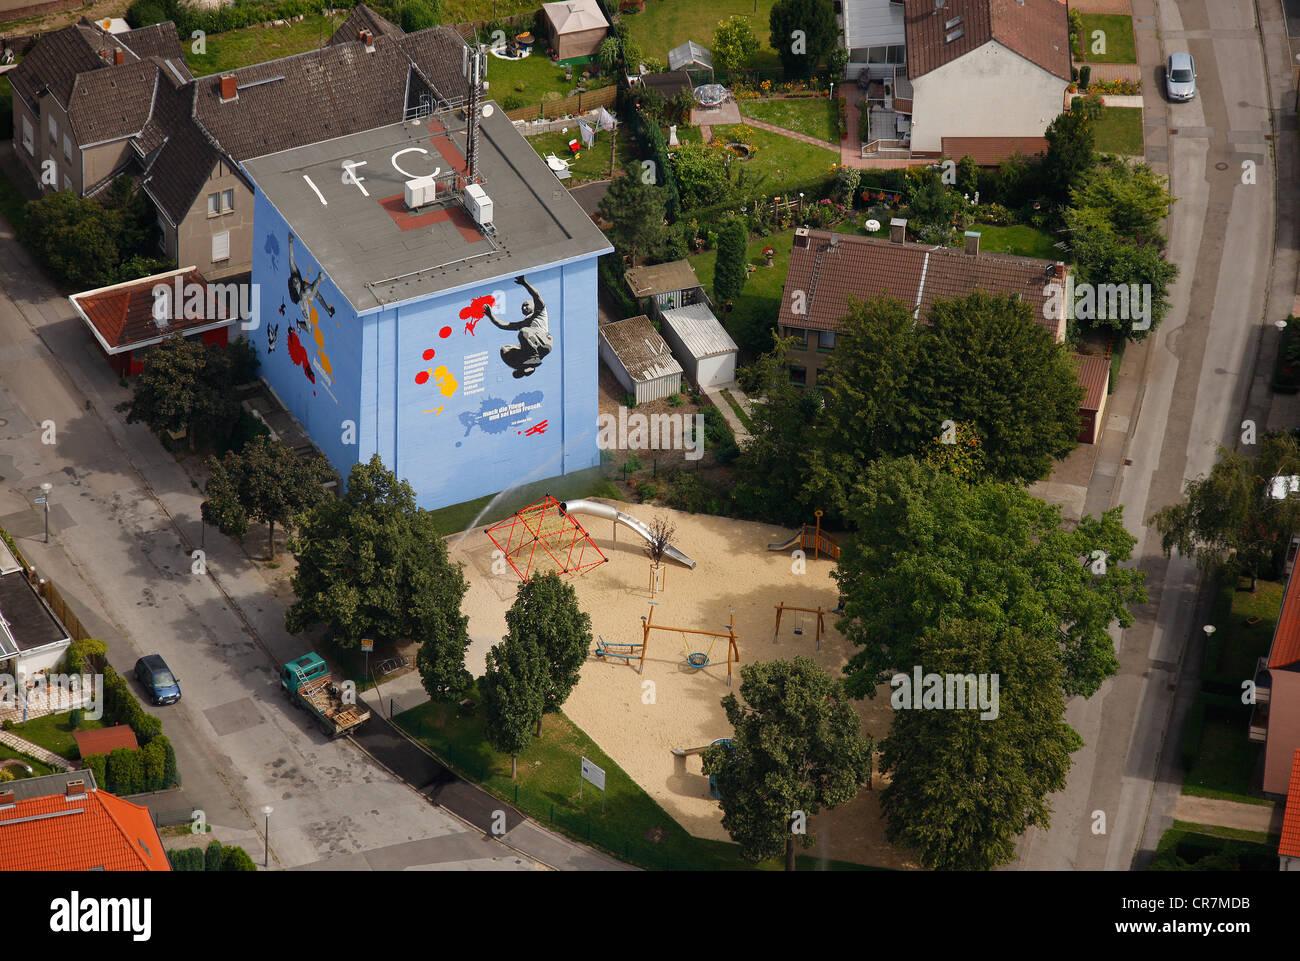 Luftaufnahme, Nachbarschaft Verschönerung, malte Bunker, Rossheidestrasse, Essen, Ruhrgebiet, Nordrhein-Westfalen Stockbild